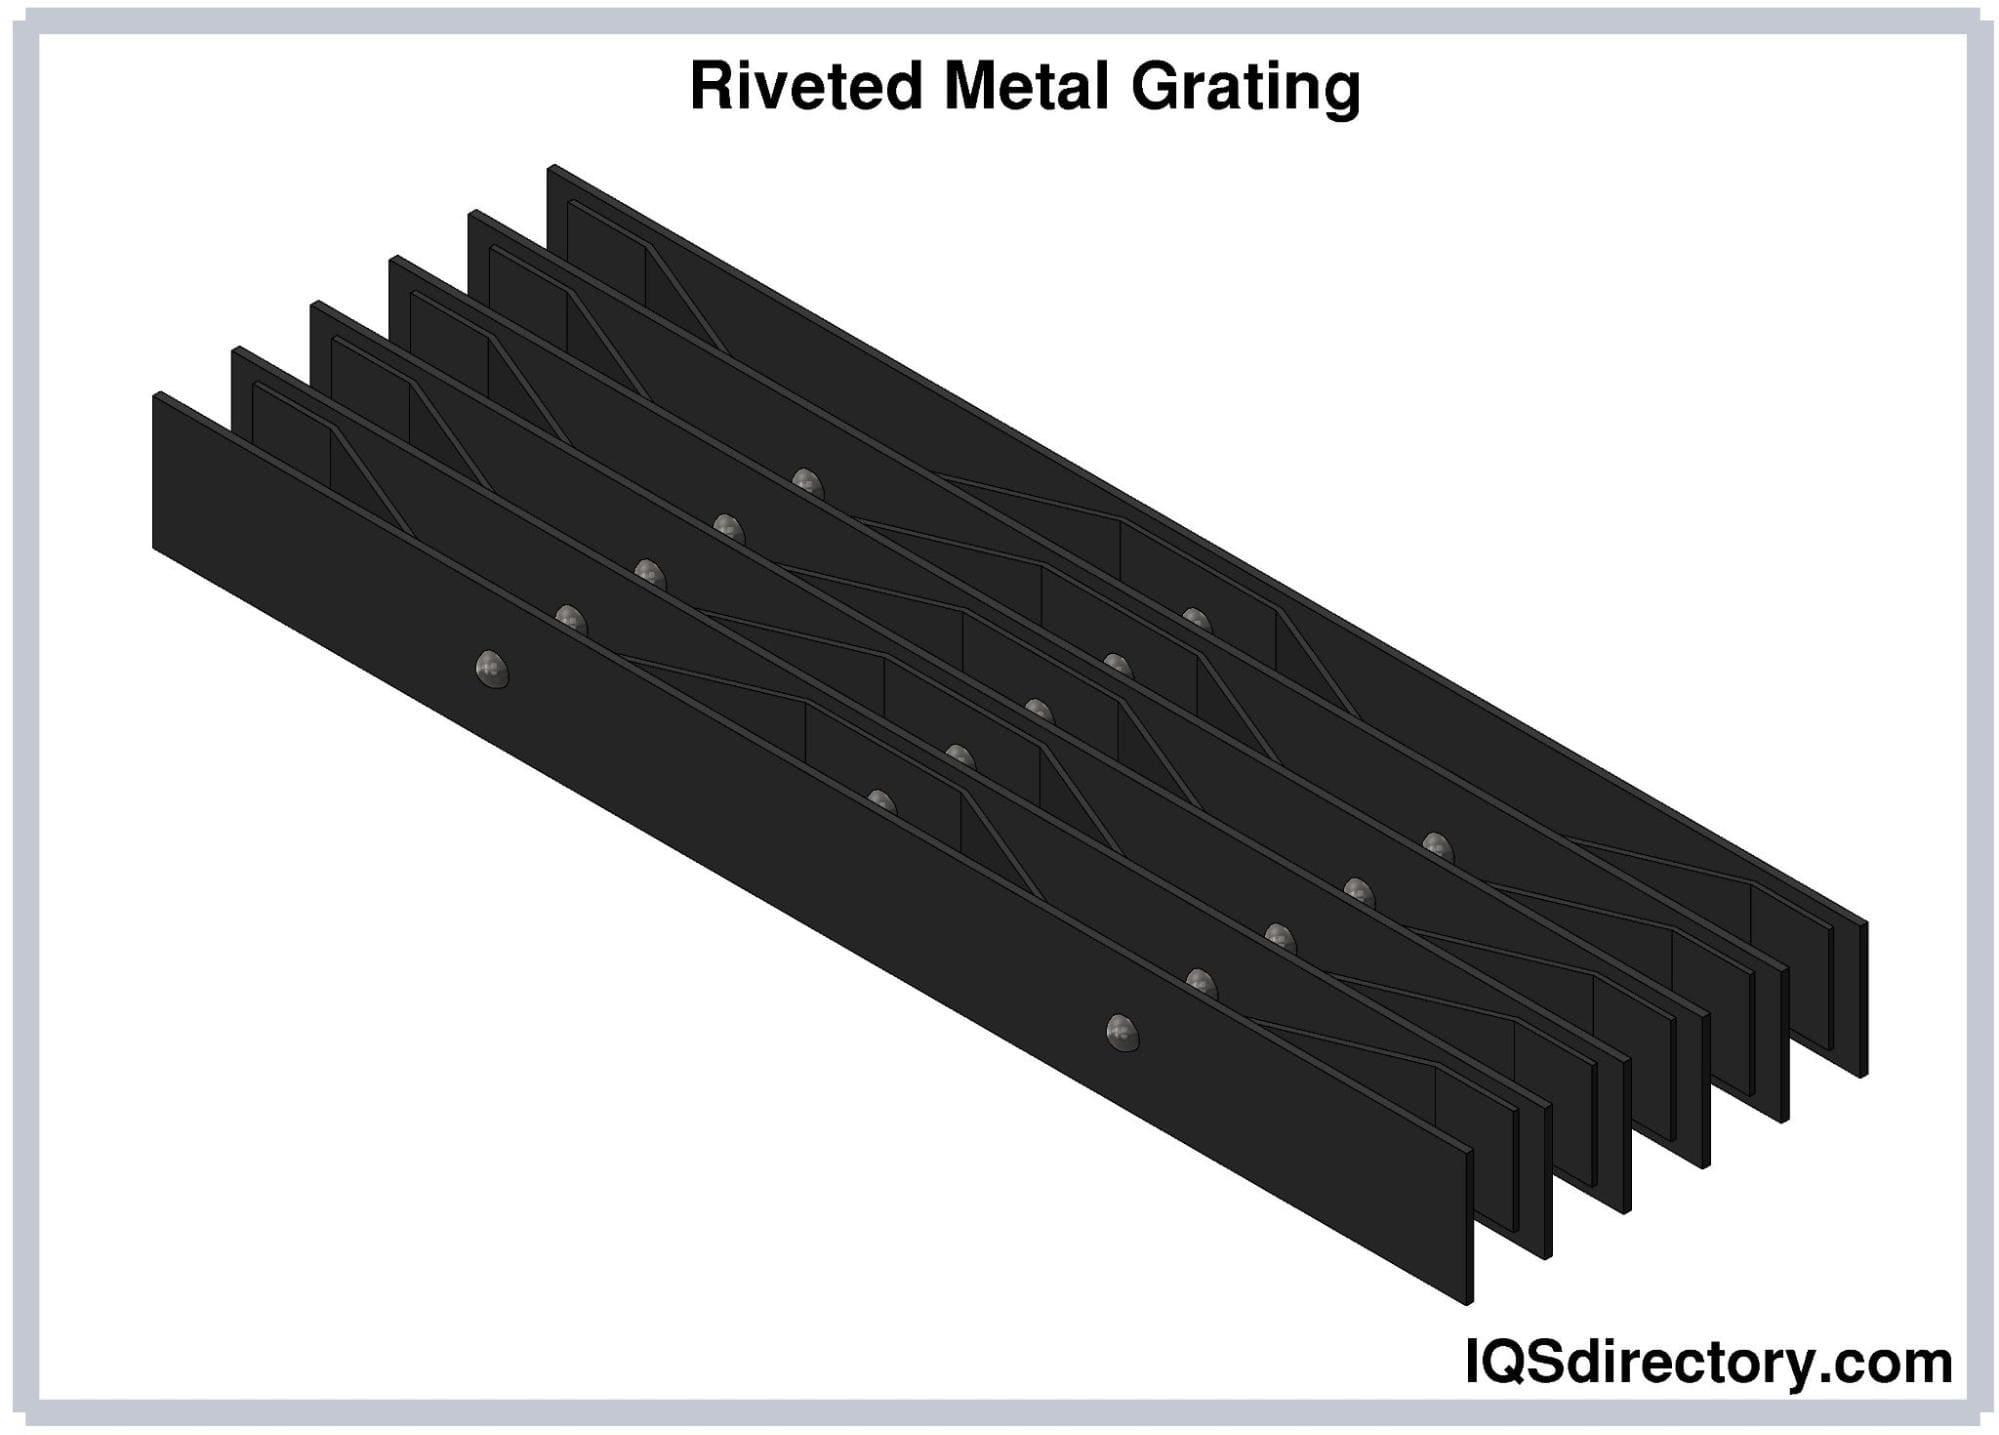 Riveted Metal Grating